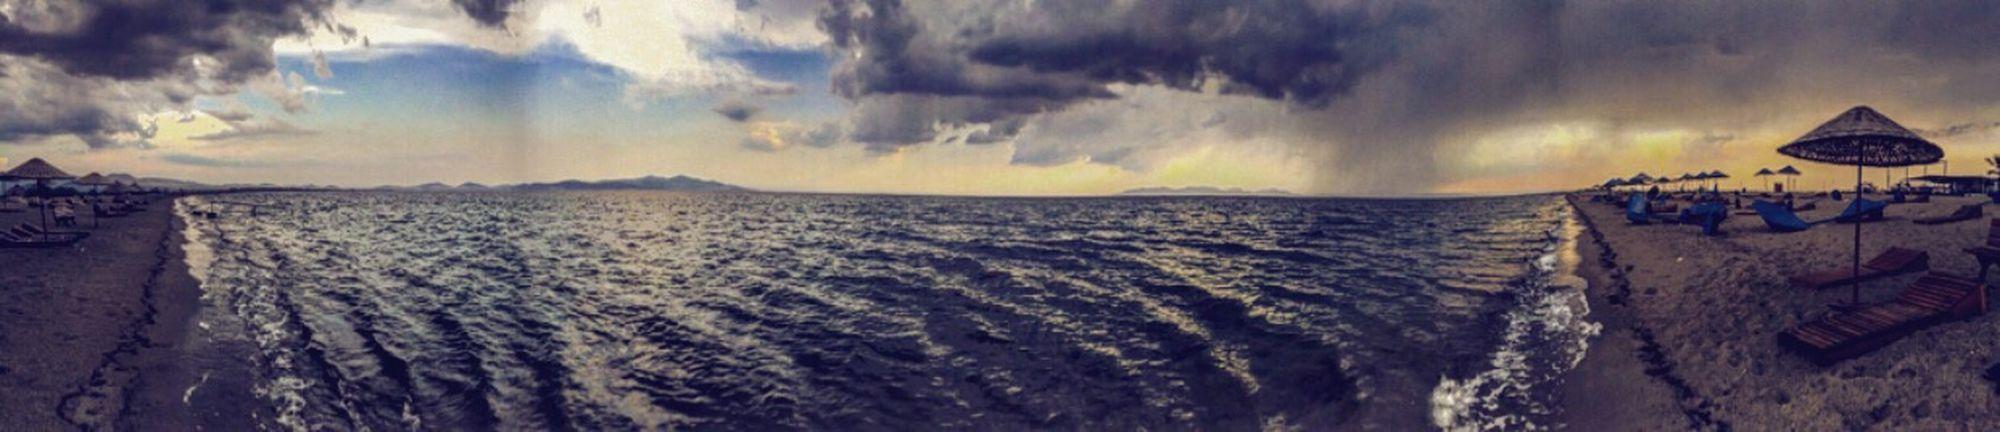 Panorama Panoramic Pan Sea Cloud Cloudporn Nature Izmir Natural Beauty